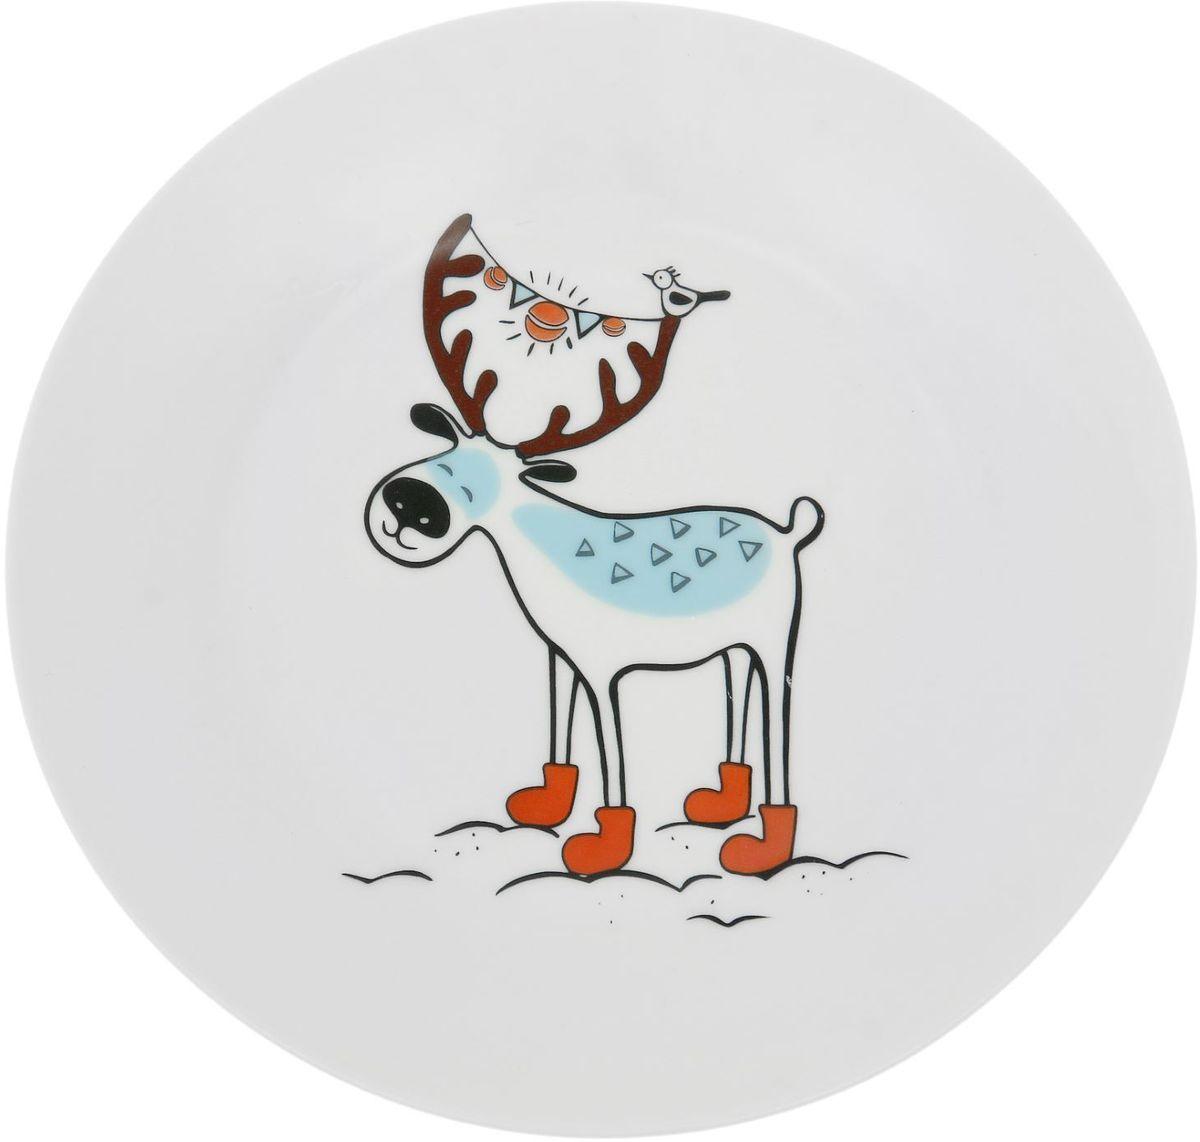 Тарелка мелкая Сотвори чудо Северный олень, диаметр 20 см1828175Хотите обновить интерьер кухни или гостиной? Устраиваете необычную фотосессию или тематический праздник? А может, просто ищете подарок для близкого человека? Посуда « Сотвори Чудо» — правильный выбор в любой ситуации. Её достоинства: изящный фаянс нежного сливочного цвета; стойкость краски; пригодность для посудомоечных машин.